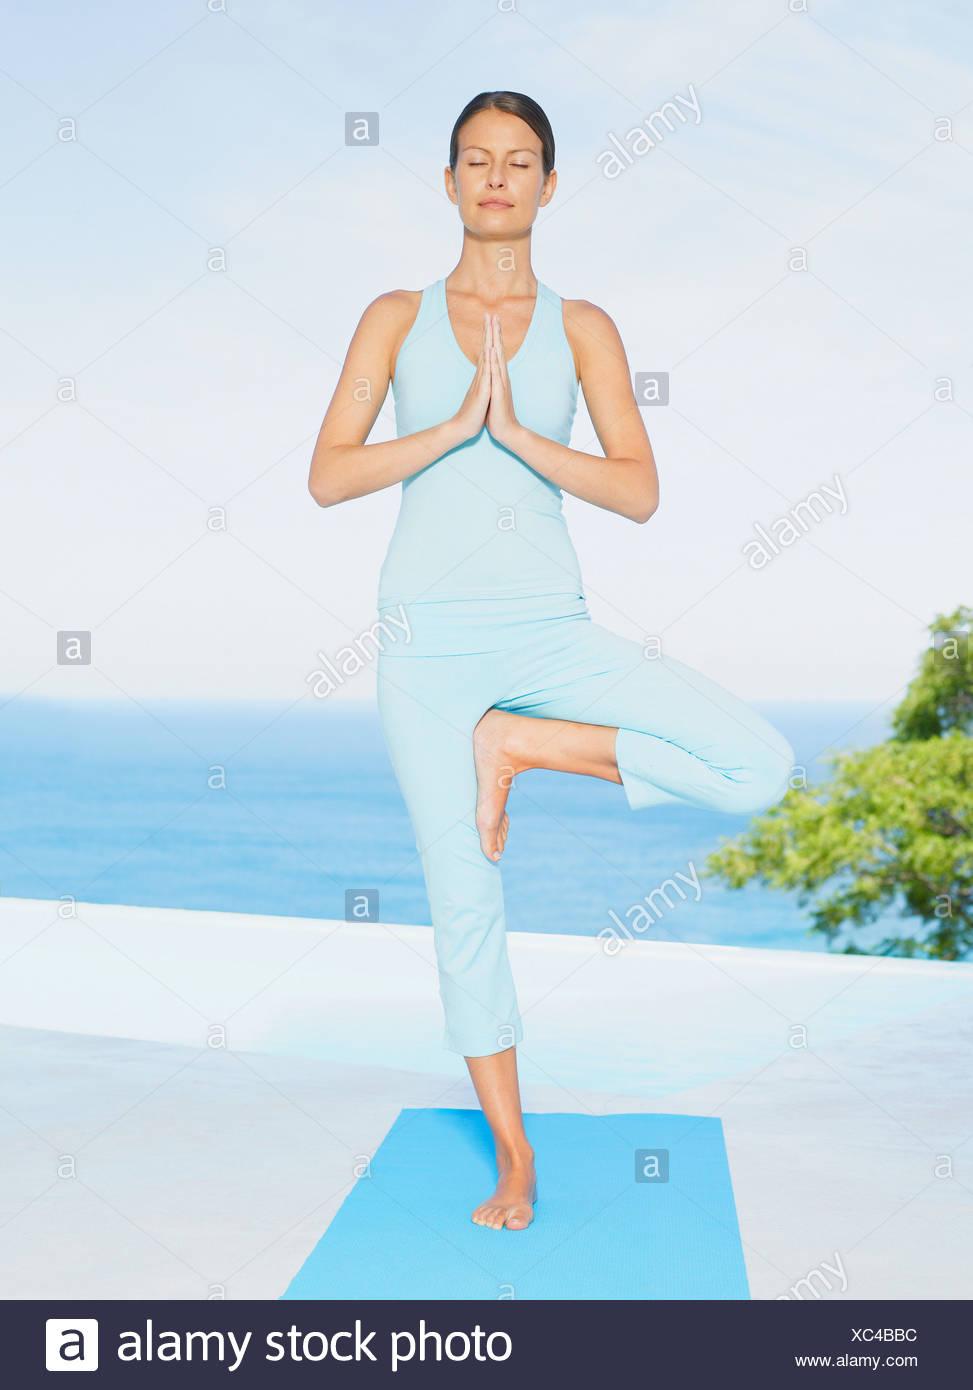 Woman doing yoga - Stock Image